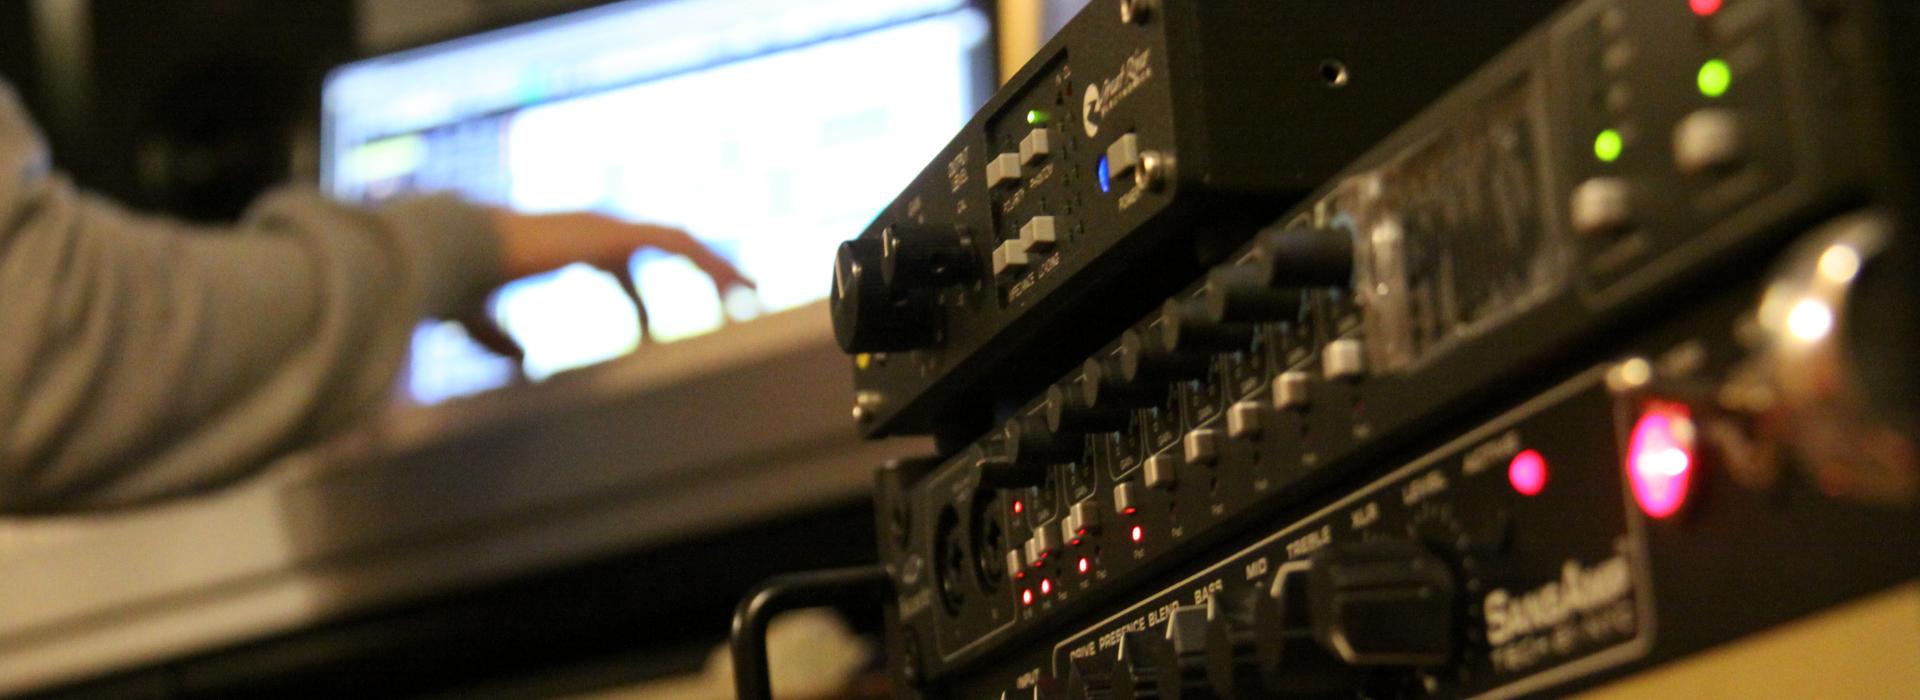 Tonstudio Wien - Equipment